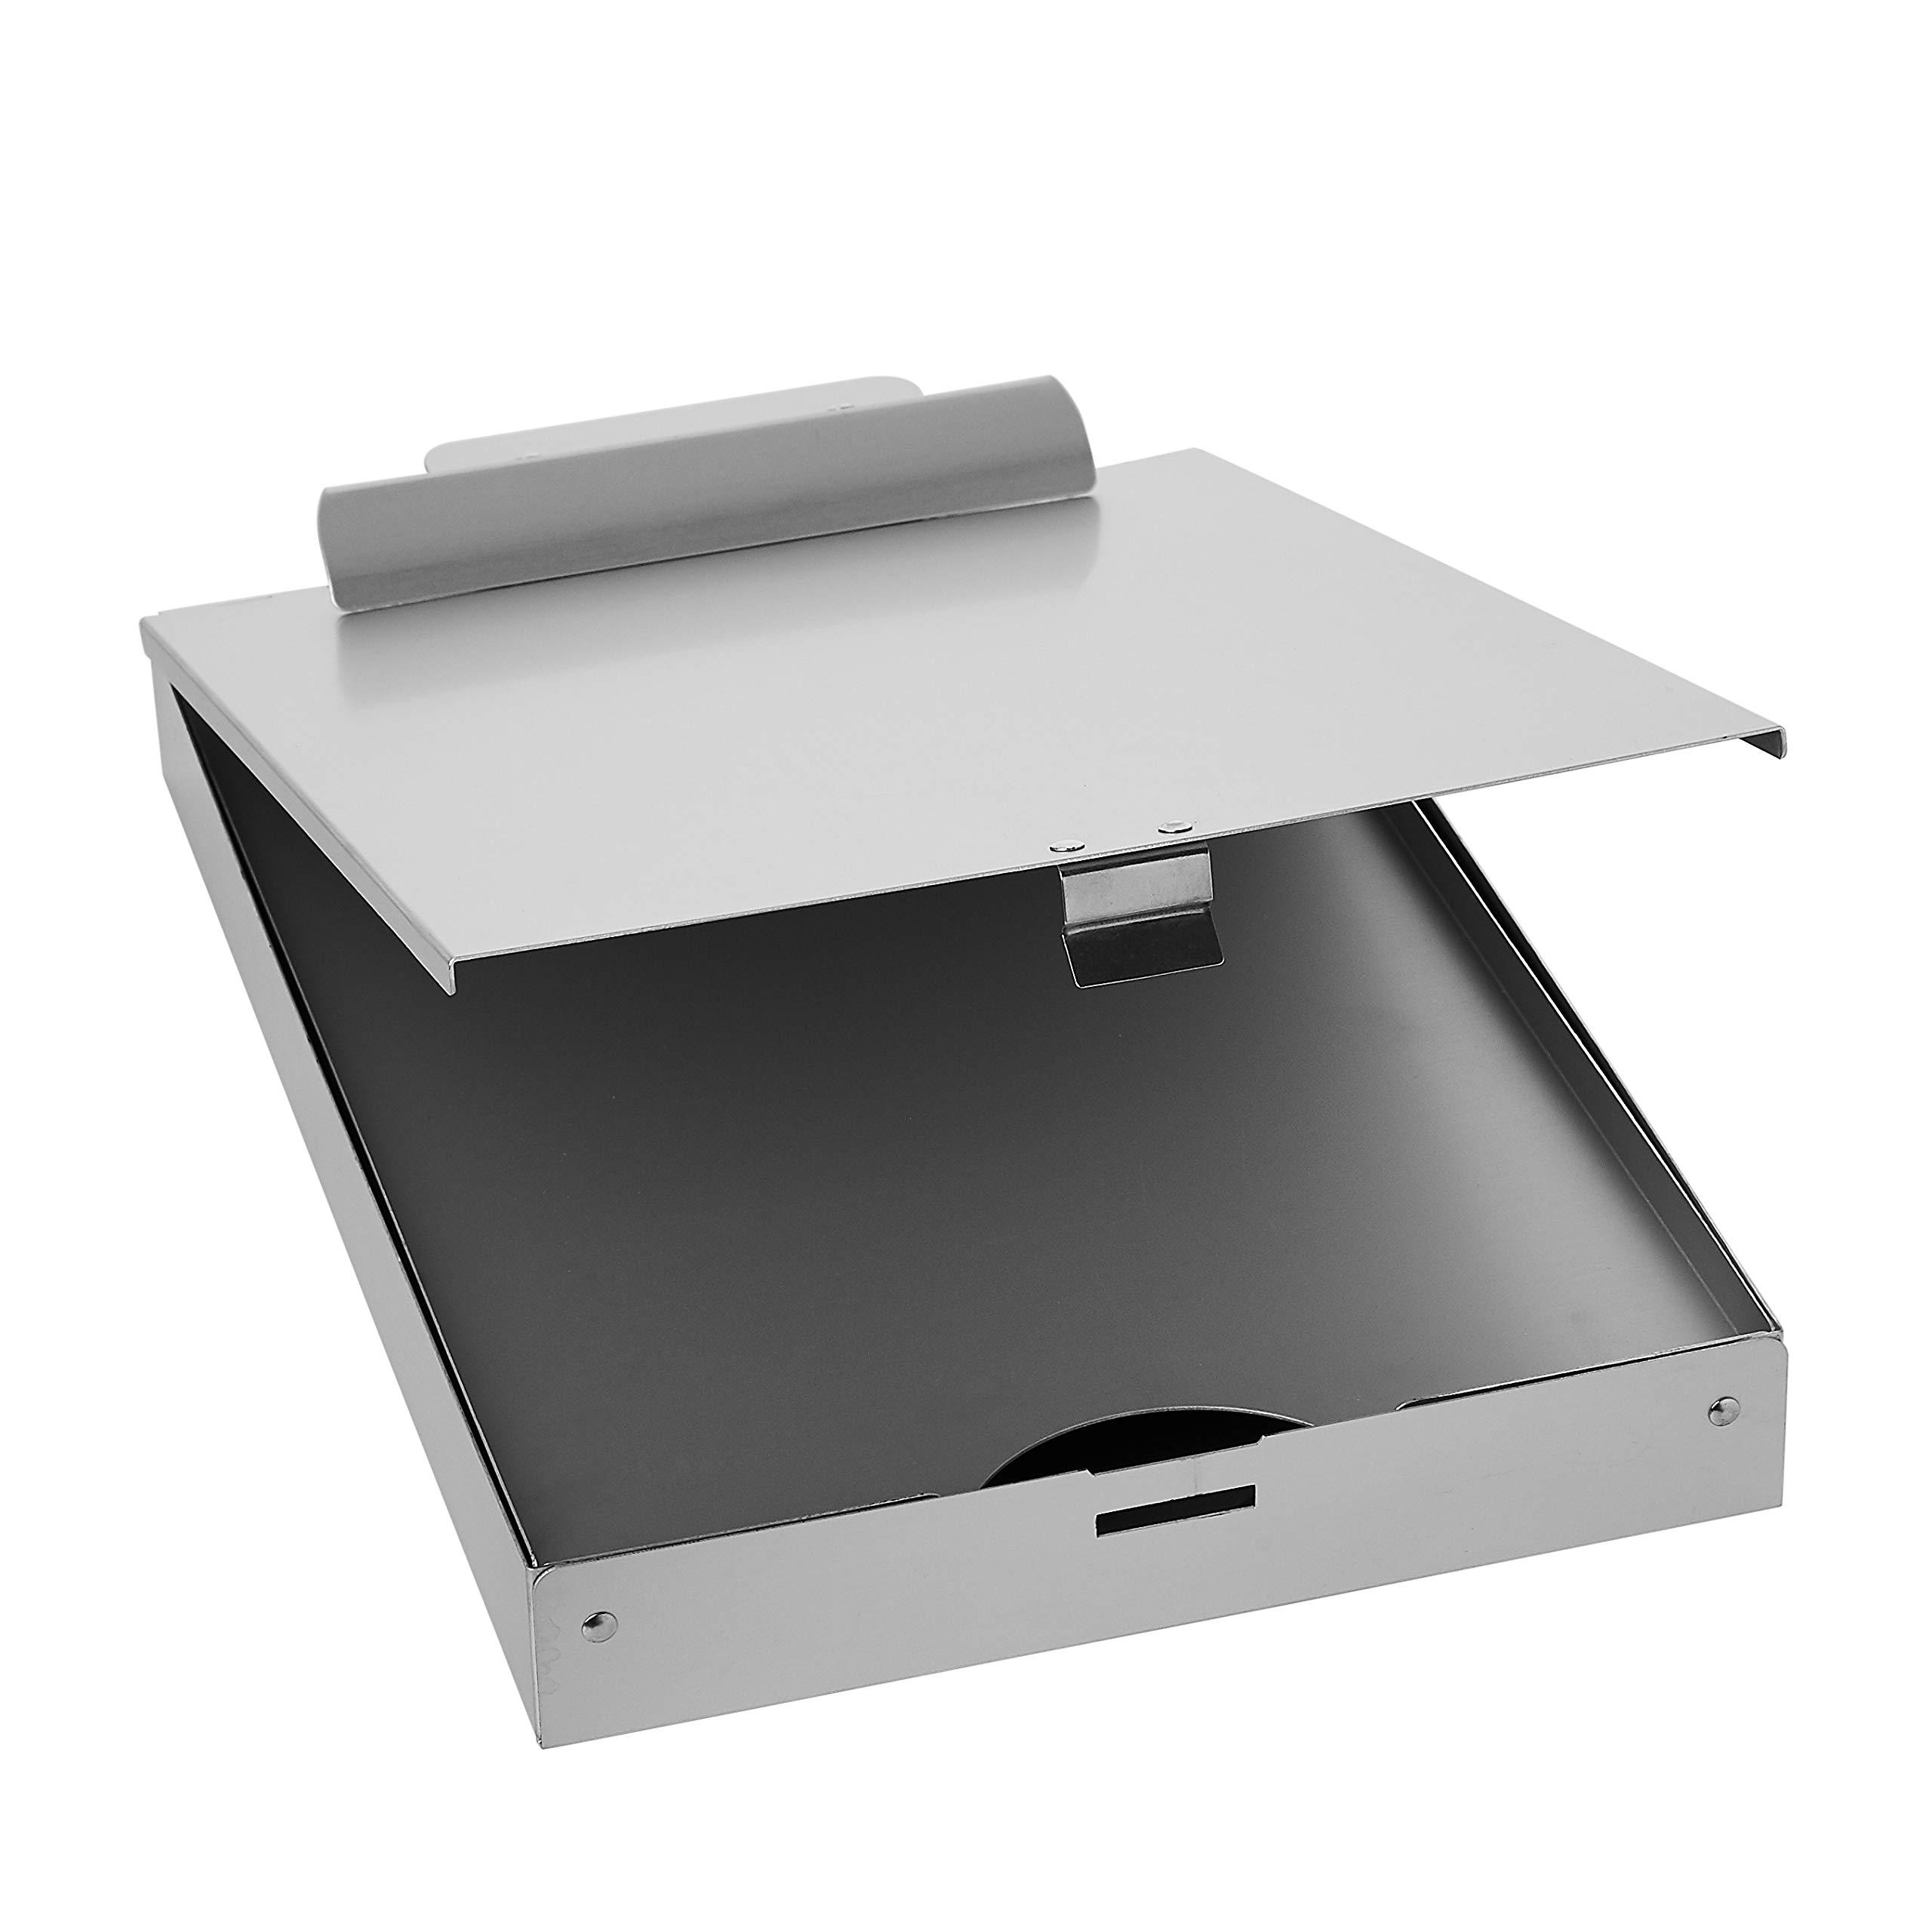 AmazonBasics Portapapeles de metal de tres niveles: Amazon.es: Oficina y papelería